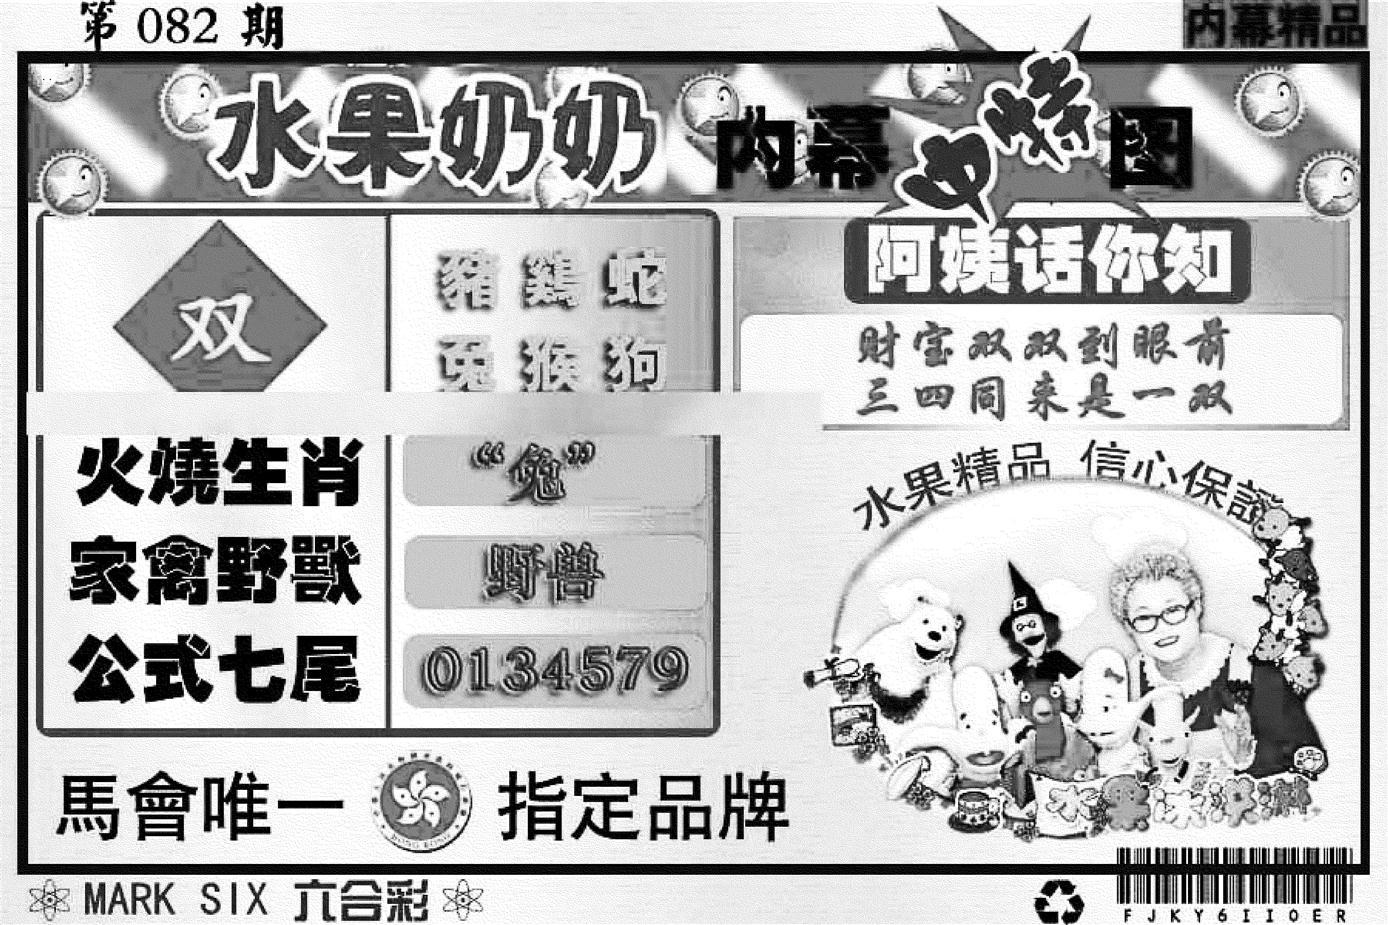 082期水果奶奶内幕(黑白)